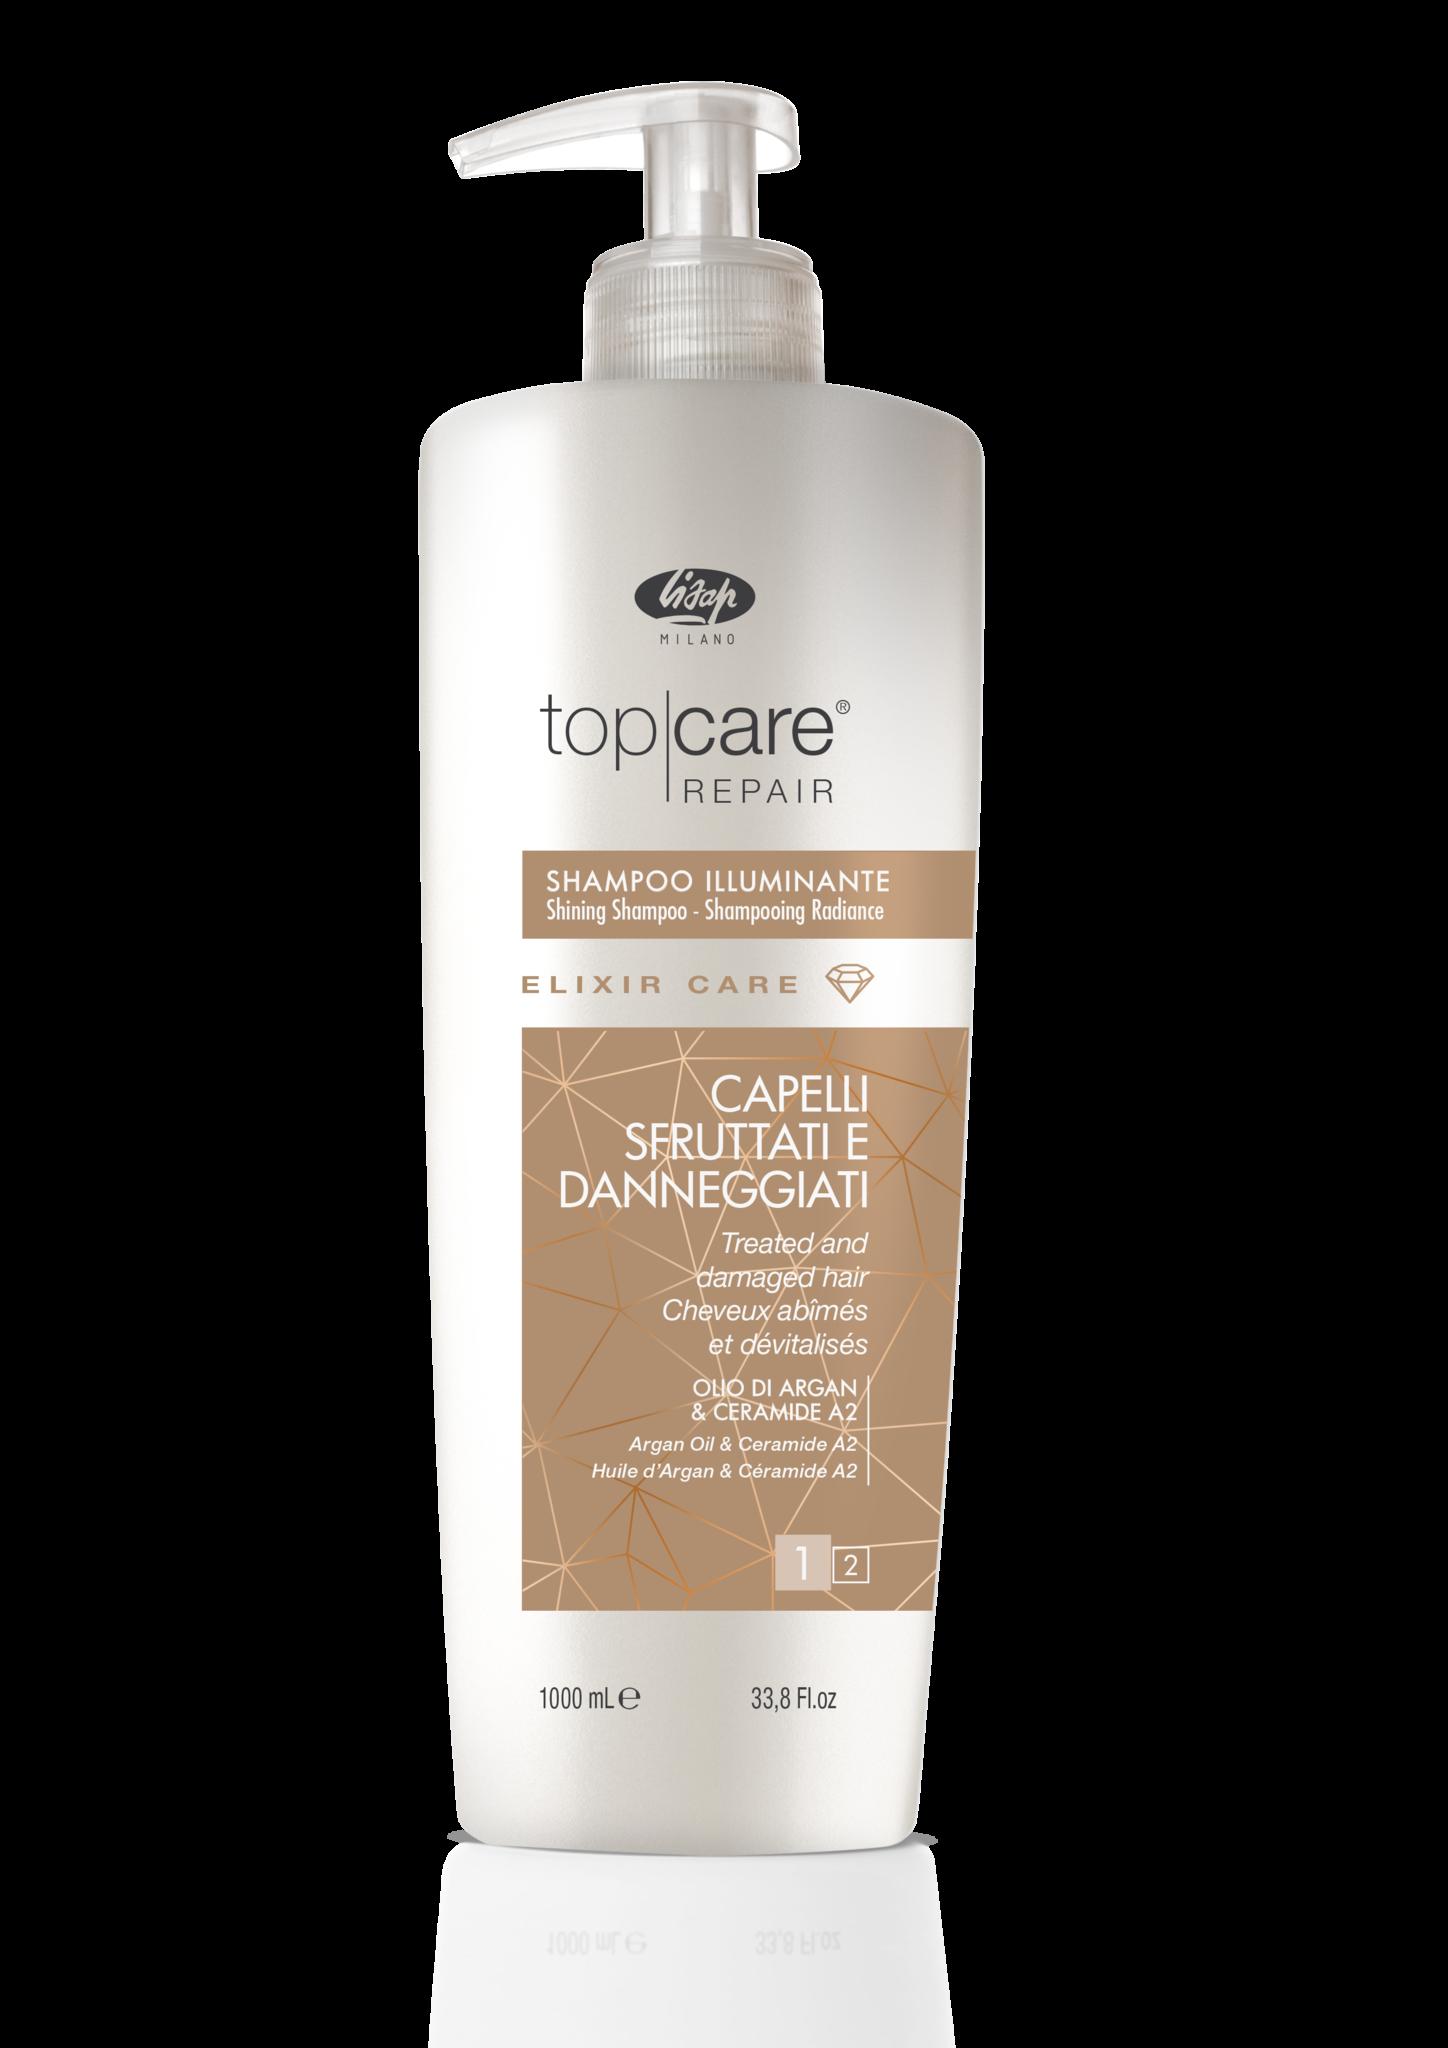 Lisap Шампунь-Эликсир для Восстановления и Придания Сияющего Блеска Top Care Repair Elixir Shampoo, 1000 мл